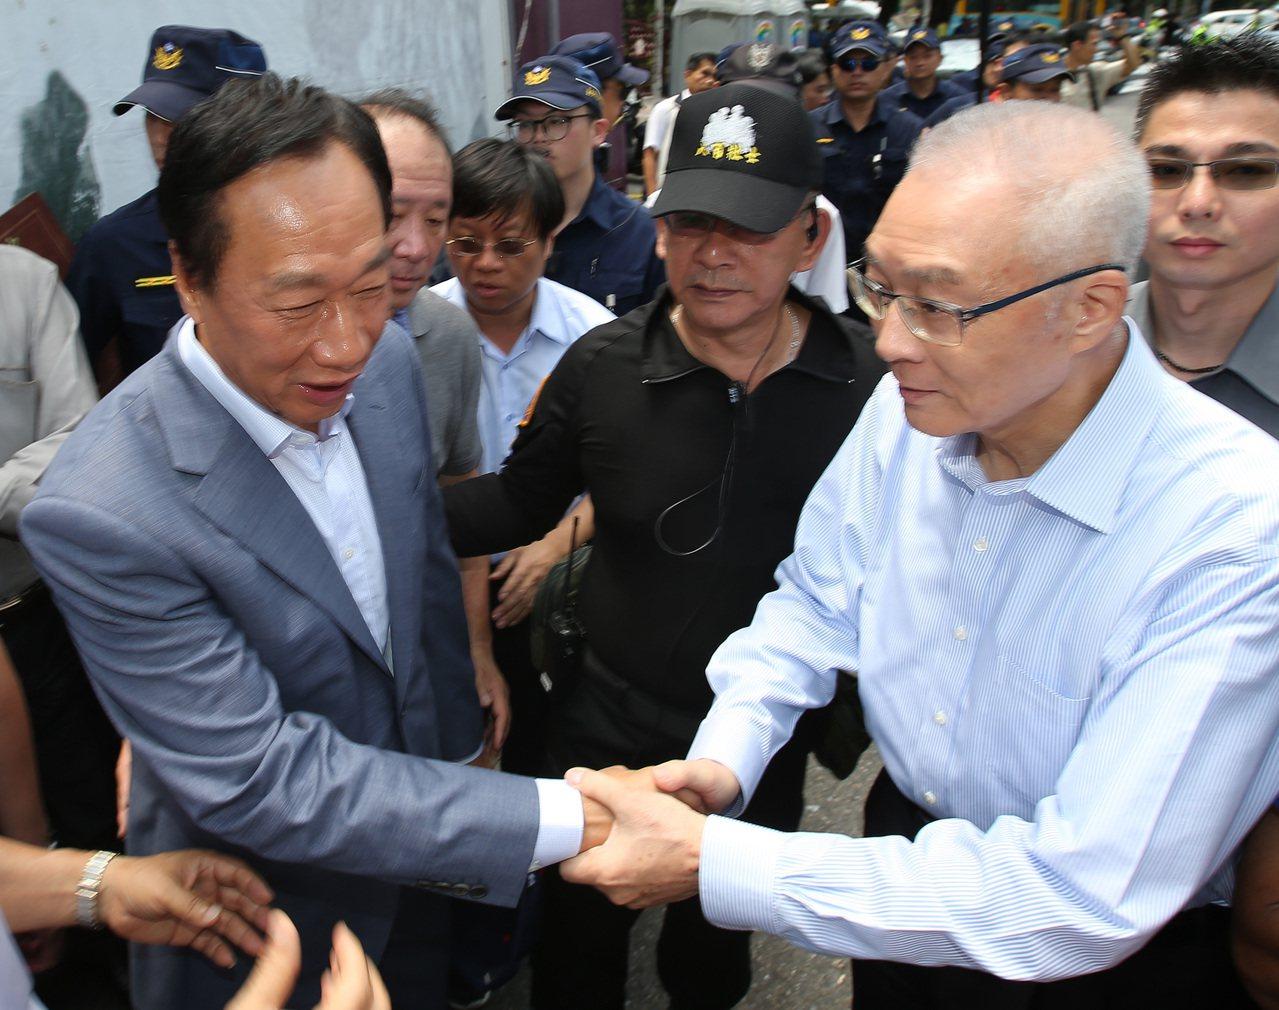 鴻海創辦人郭台銘及中國國民黨主席吳敦義。 圖/聯合報系資料照片